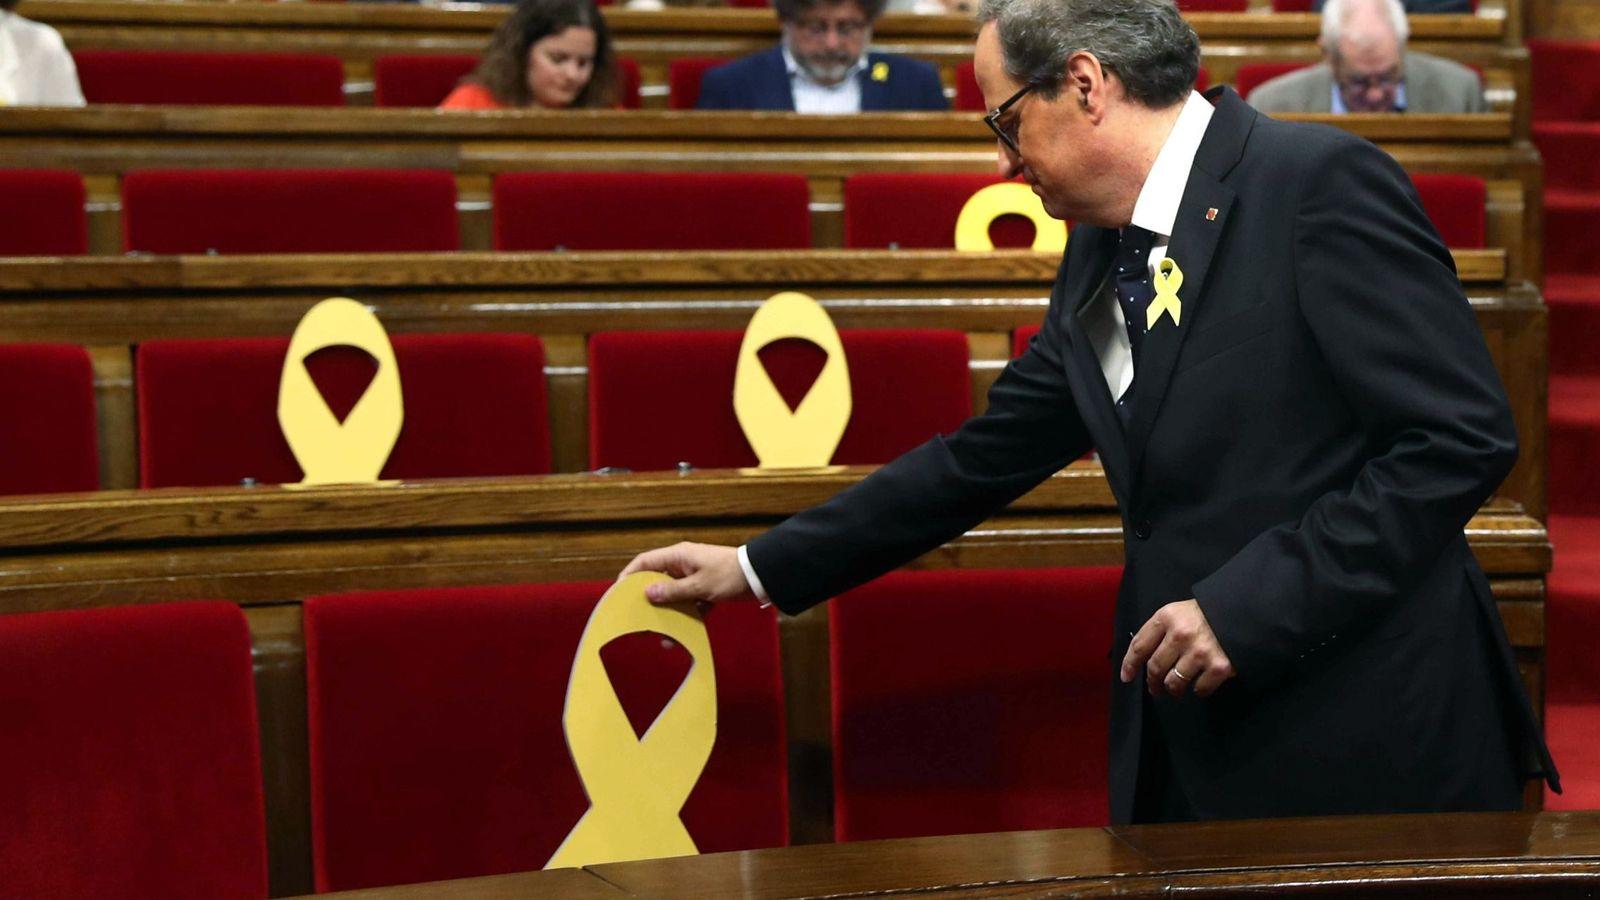 Foto: El presidente de la Generalitat, Quim Torra, coloca un lazo amarillo en uno de los asientos del Parlament. (EFE)